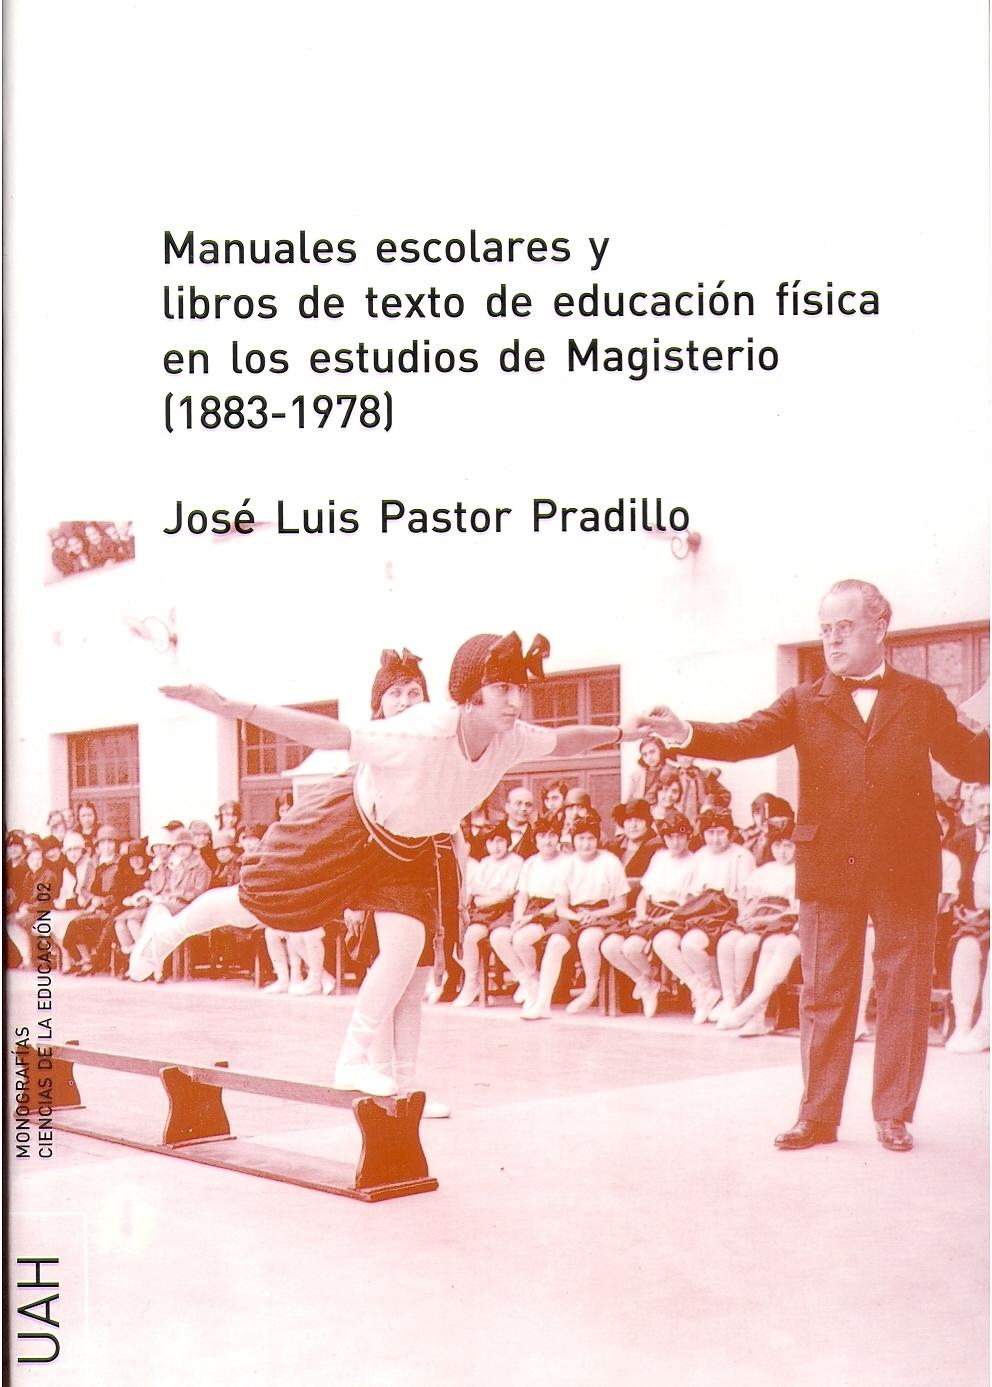 MANUALES ESCOLARES Y LIBROS DE TEXTO DE EDUCACIÓN FÍSICA EN LOS ESTUDI